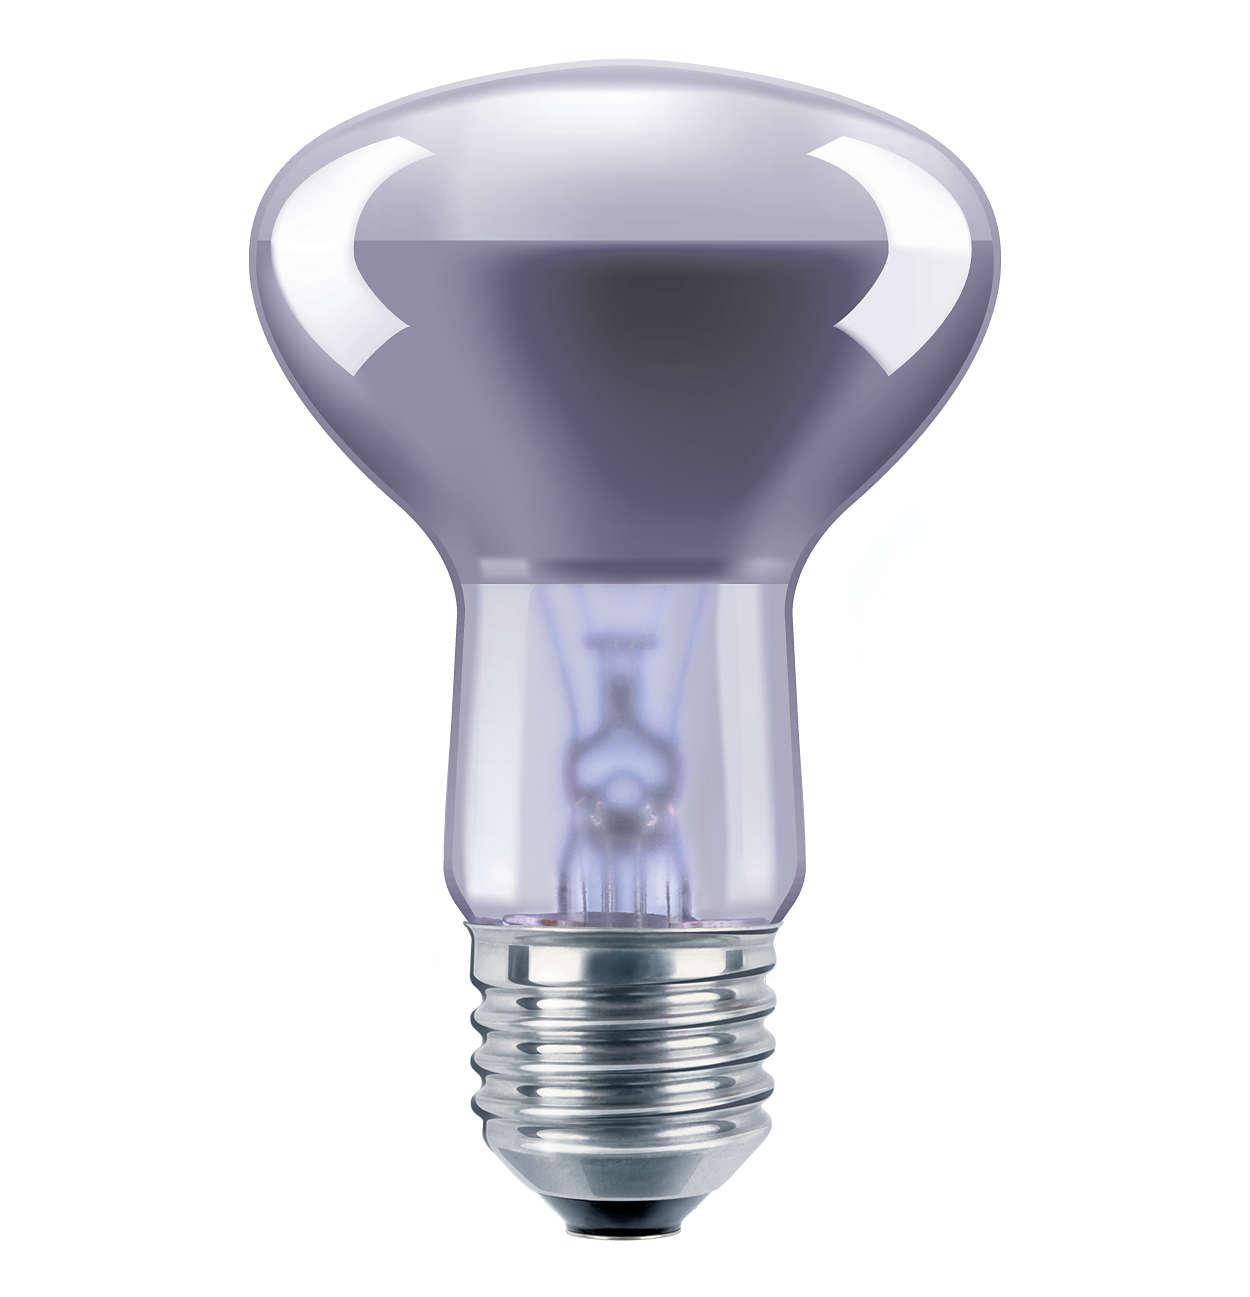 Reflektorlyskilde med neodym-glaspære